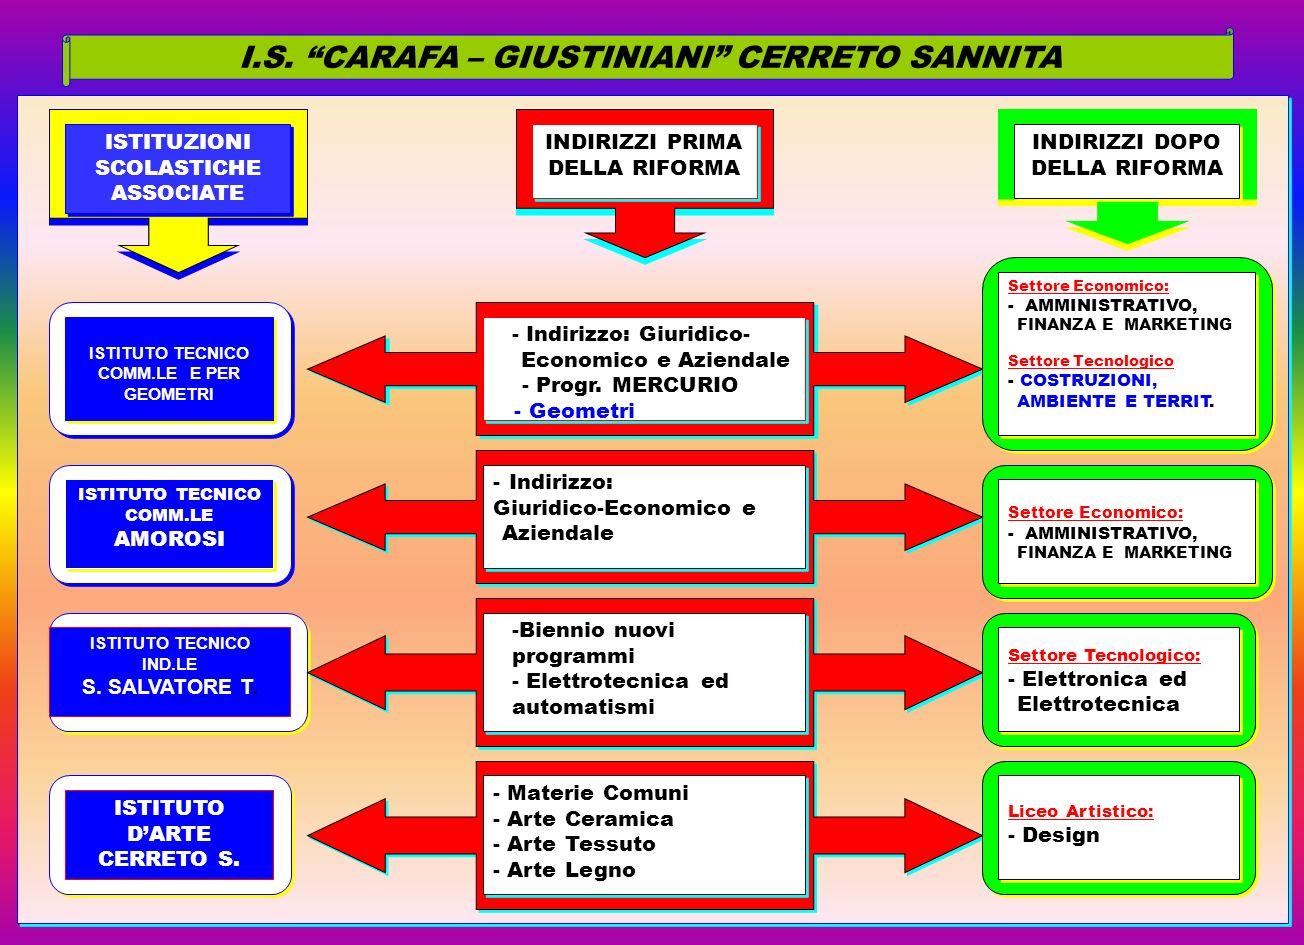 I.S. CARAFA – GIUSTINIANI CERRETO SANNITA ISTITUZIONI SCOLASTICHE ASSOCIATE ISTITUZIONI SCOLASTICHE ASSOCIATE ISTITUTO TECNICO COMM.LE E PER GEOMETRI